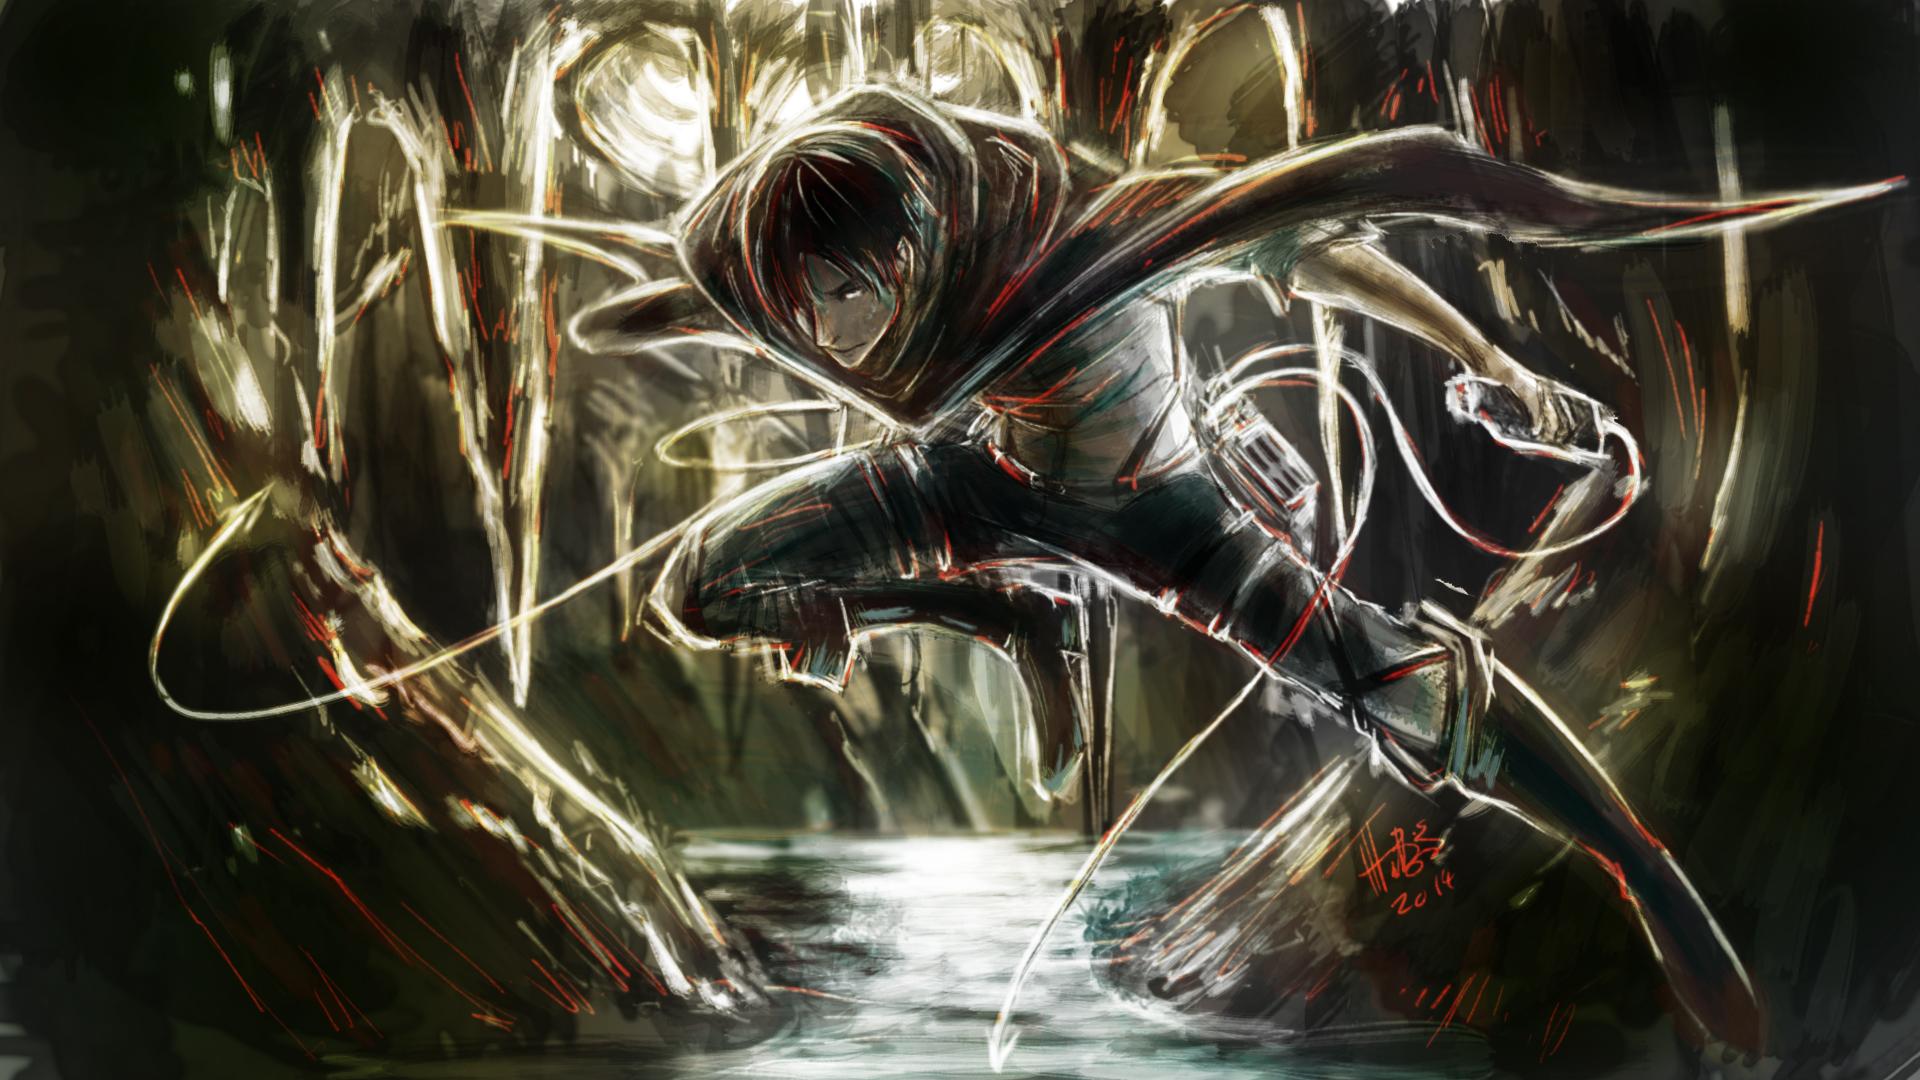 Attack On Titan Hd Wallpaper Hintergrund 1920x1080 Id